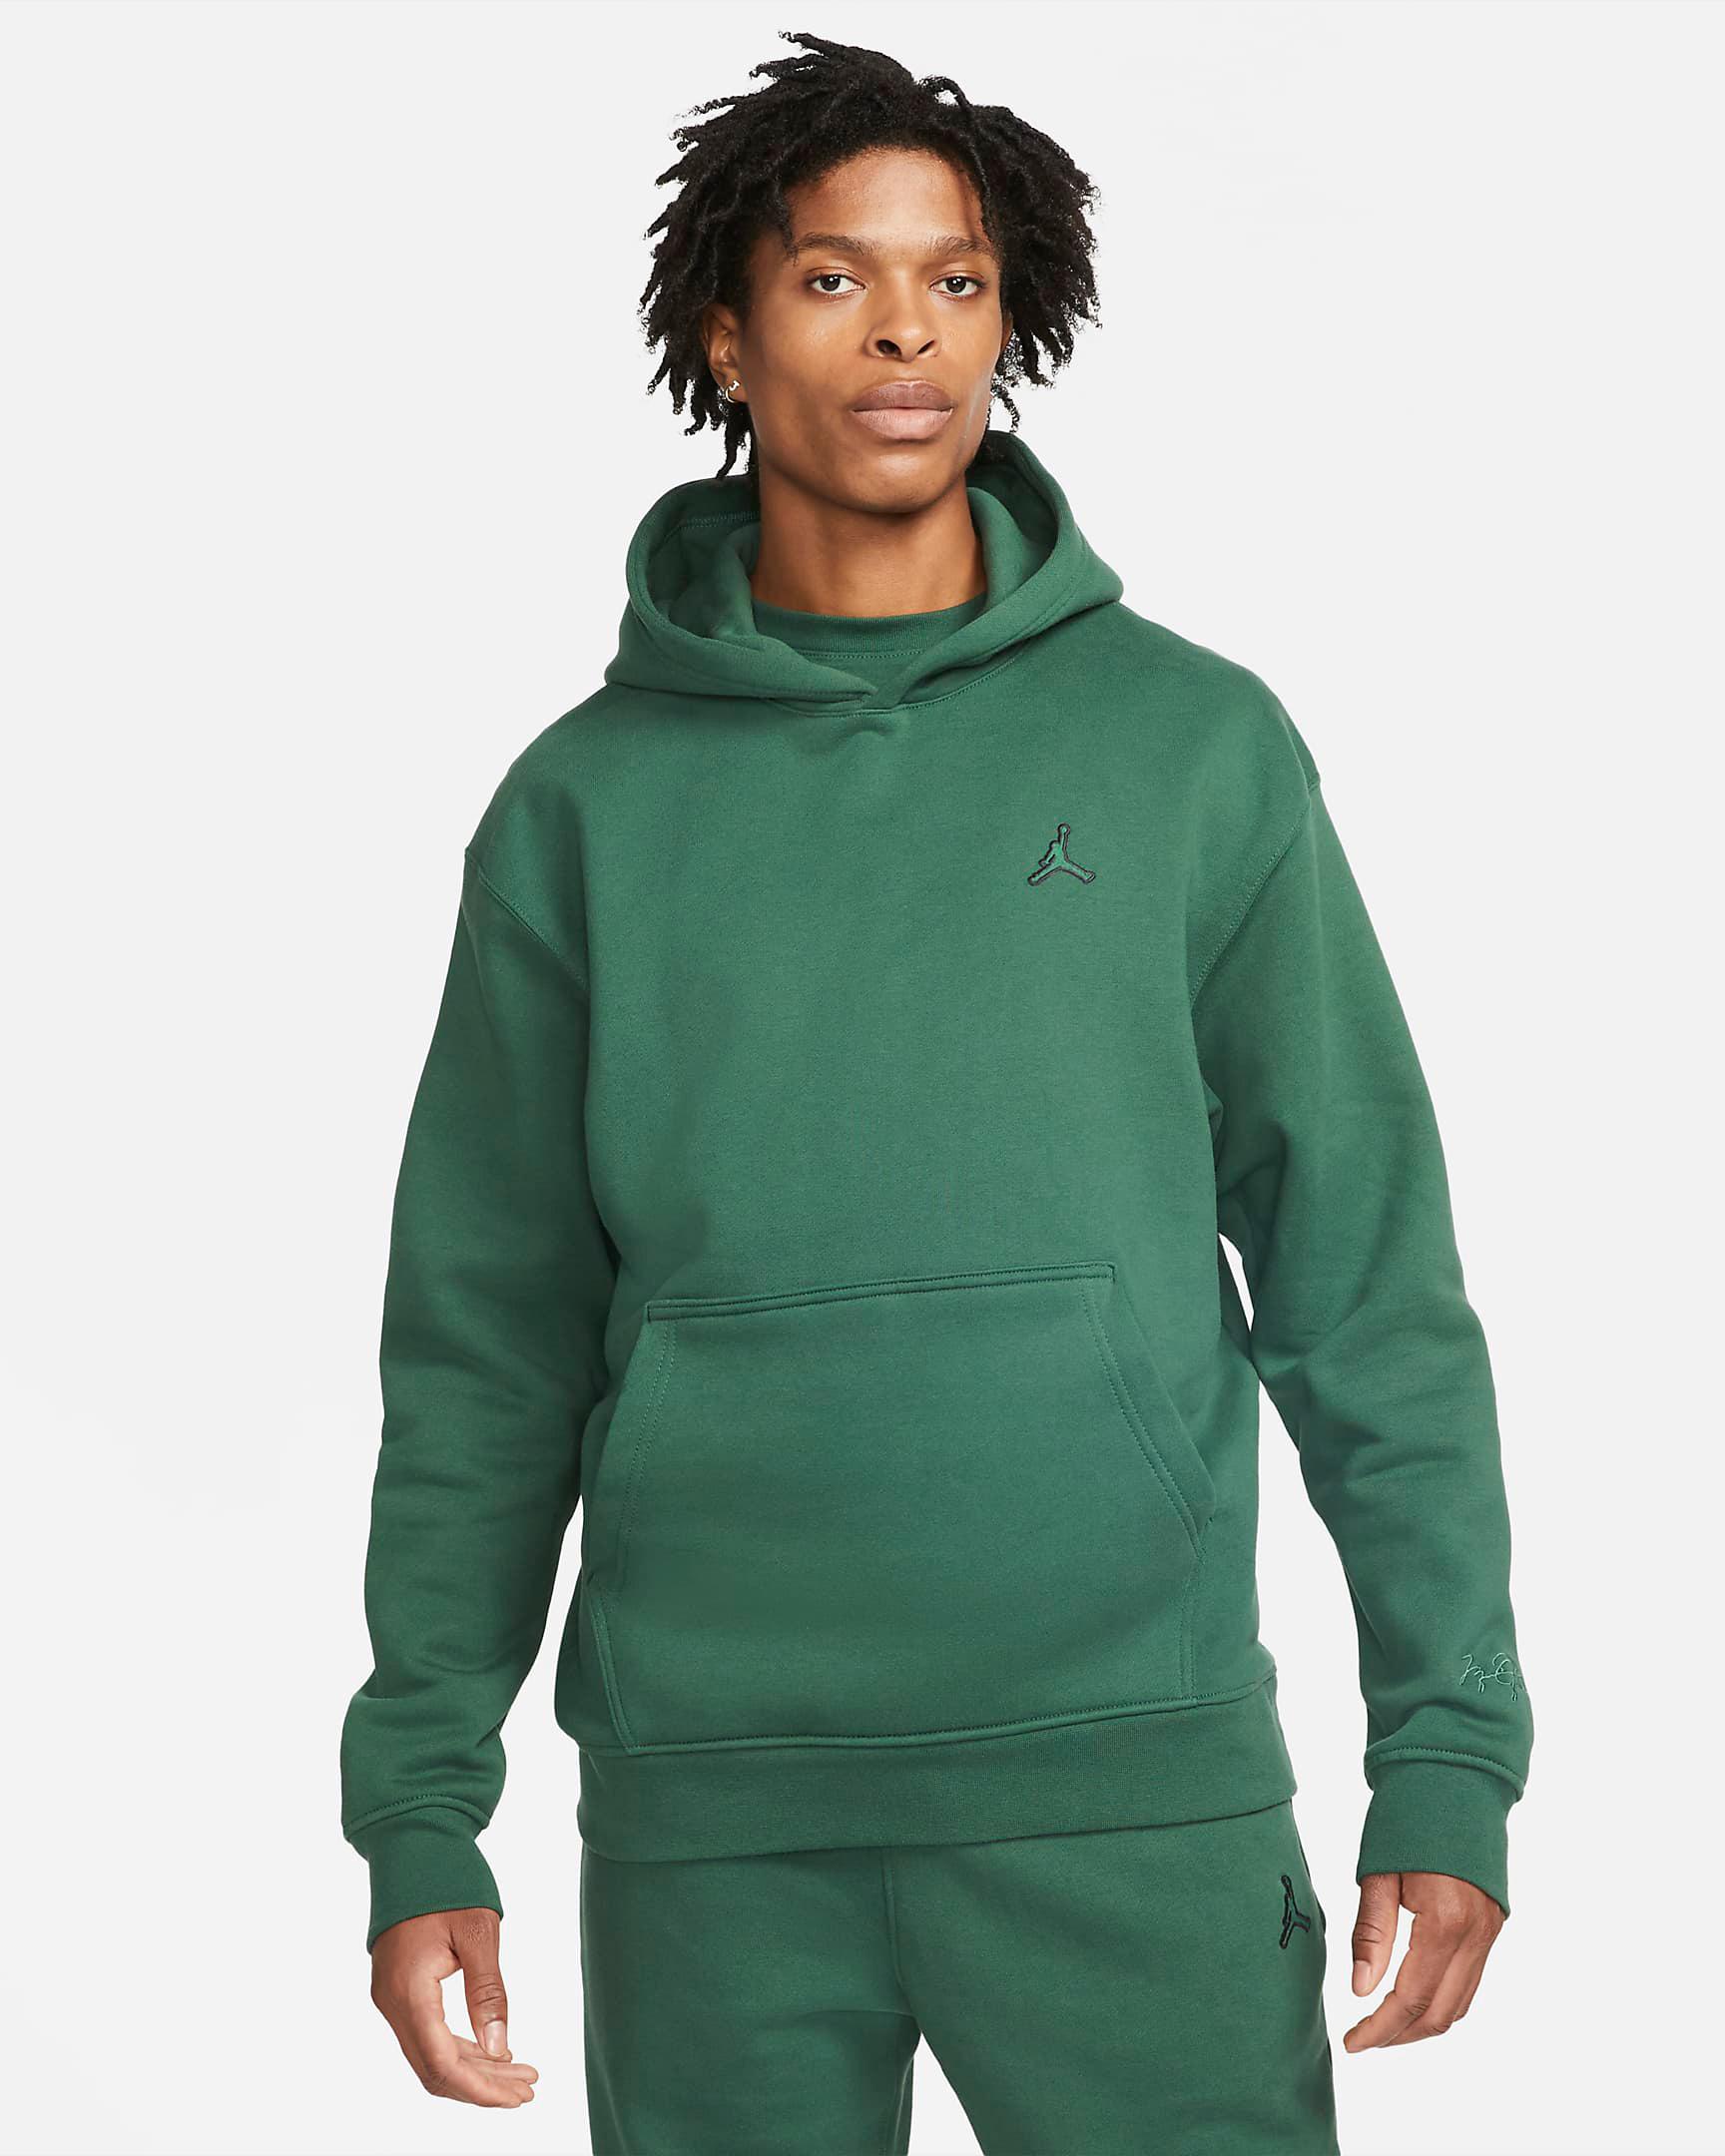 jordan-noble-green-essentials-pullover-hoodie-1